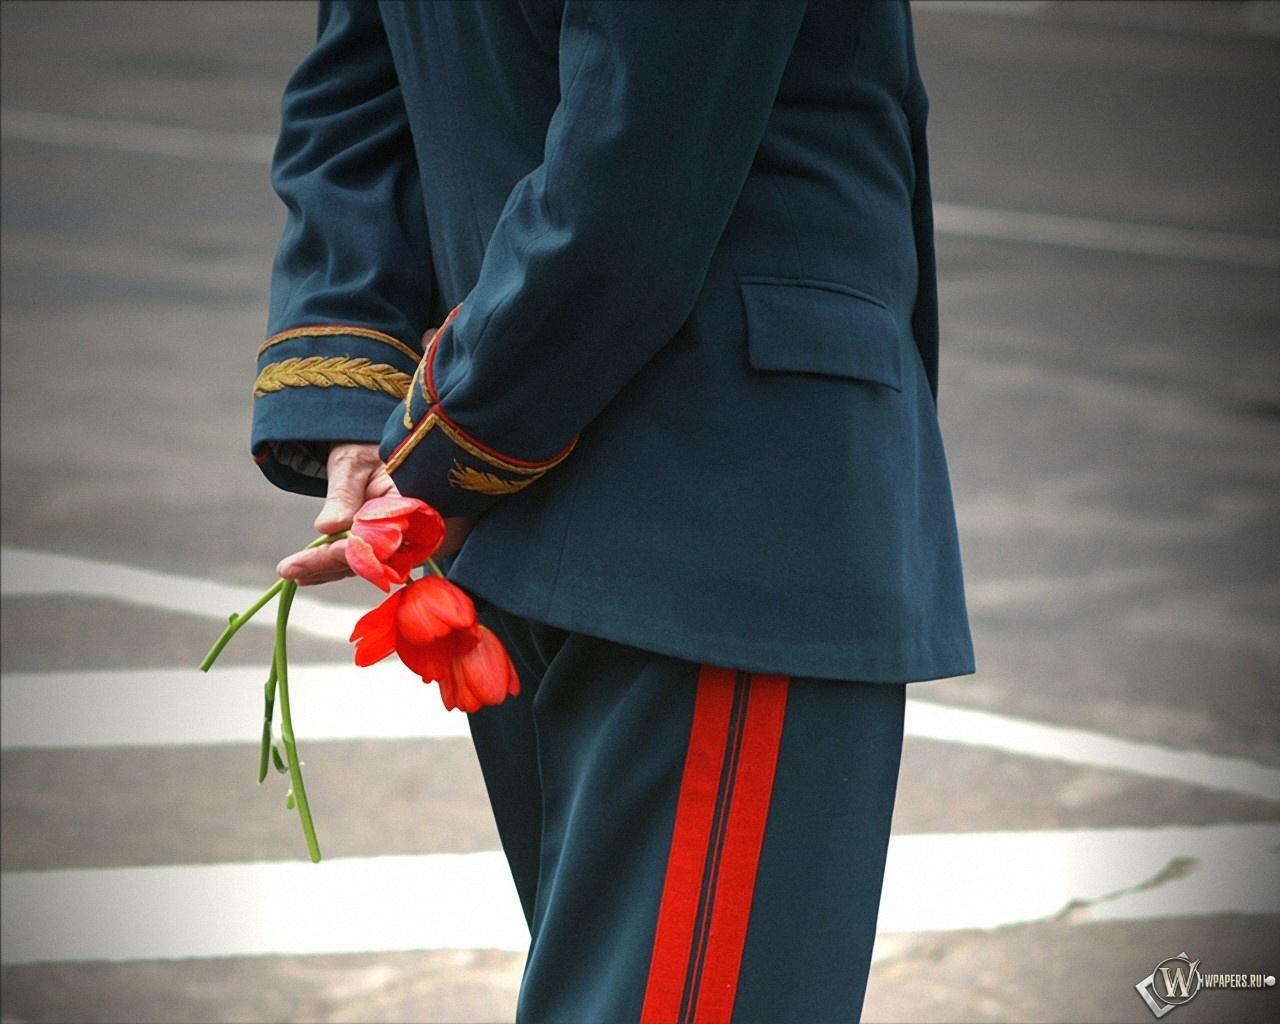 Цветы у ветерана 1280x1024